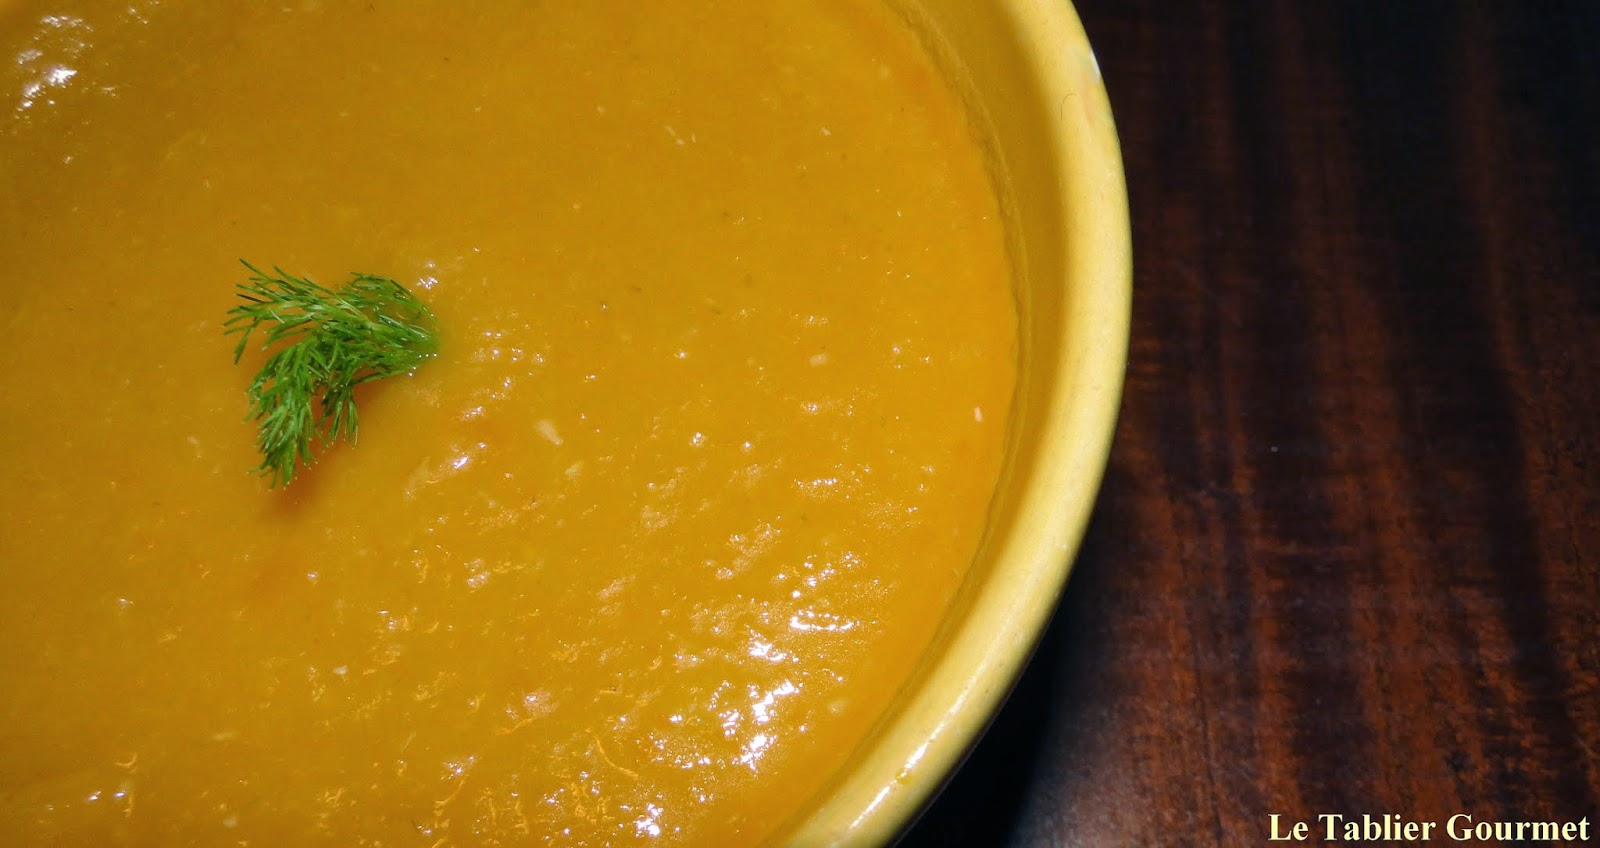 Le velouté de carottes, fenouil et cumin